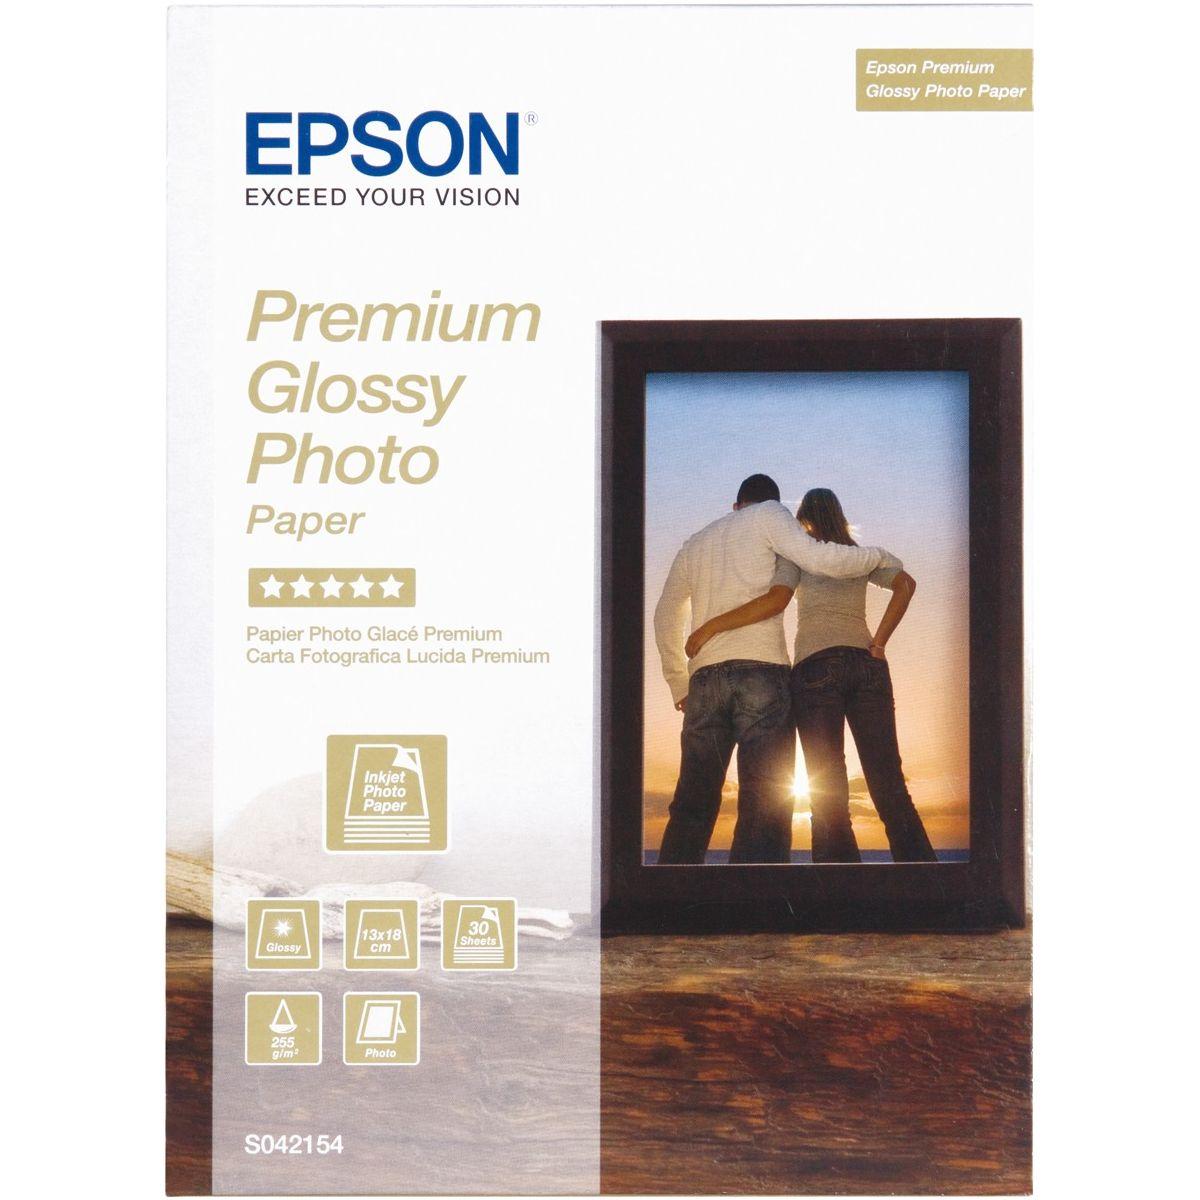 Papier epson 13x18-30f-255g/m� (photo)